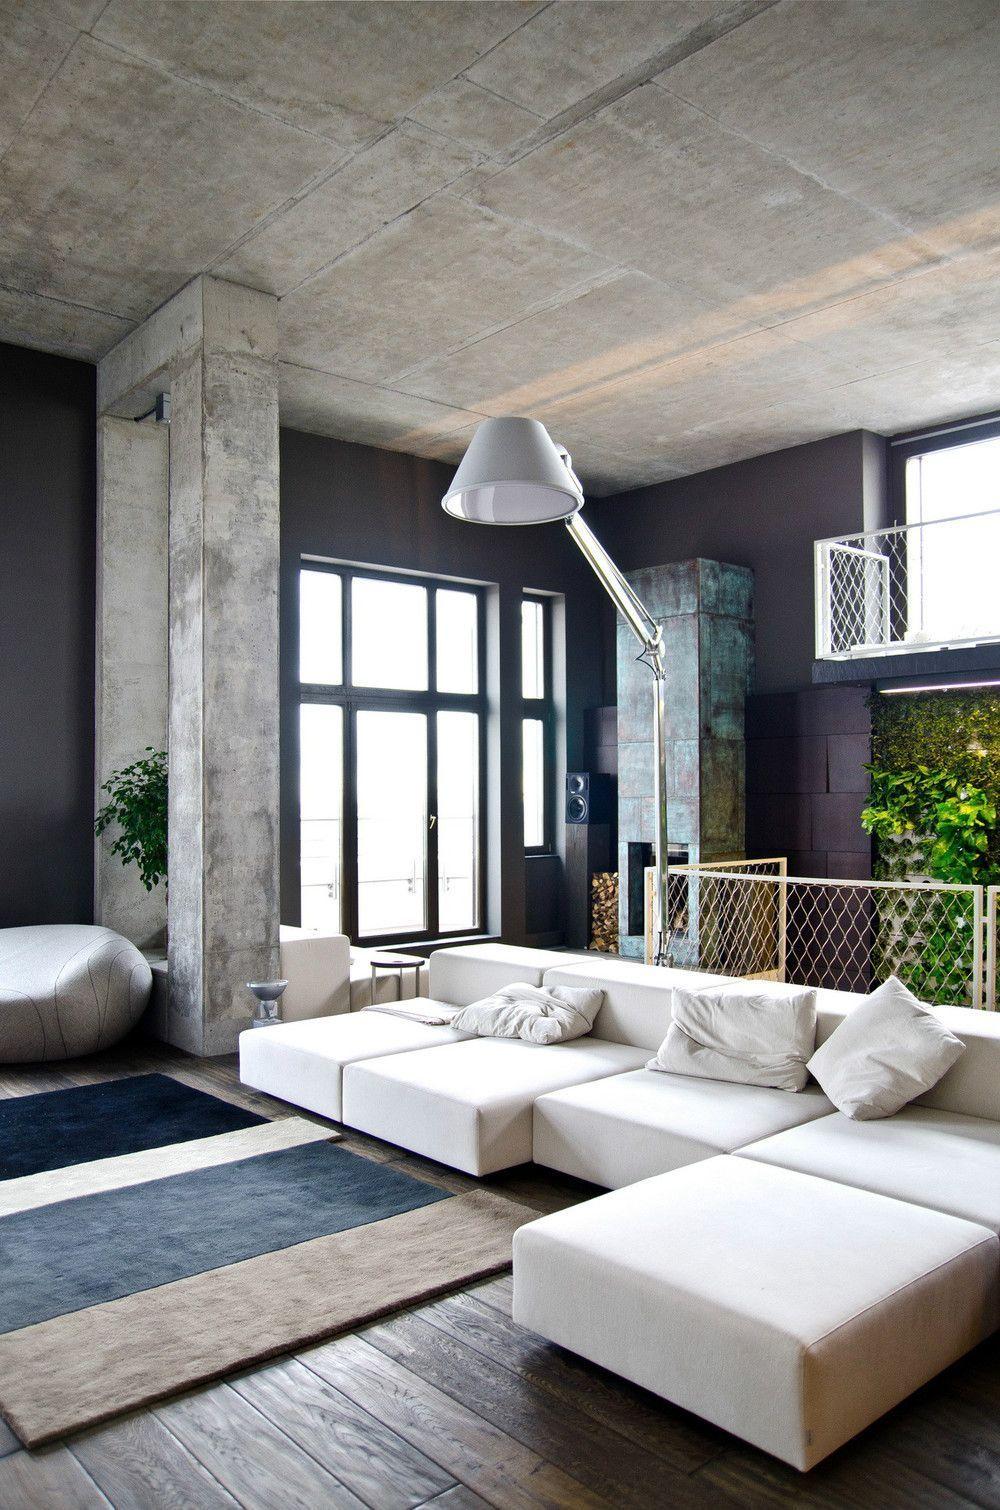 Бетонный потолок и темно-синие стены